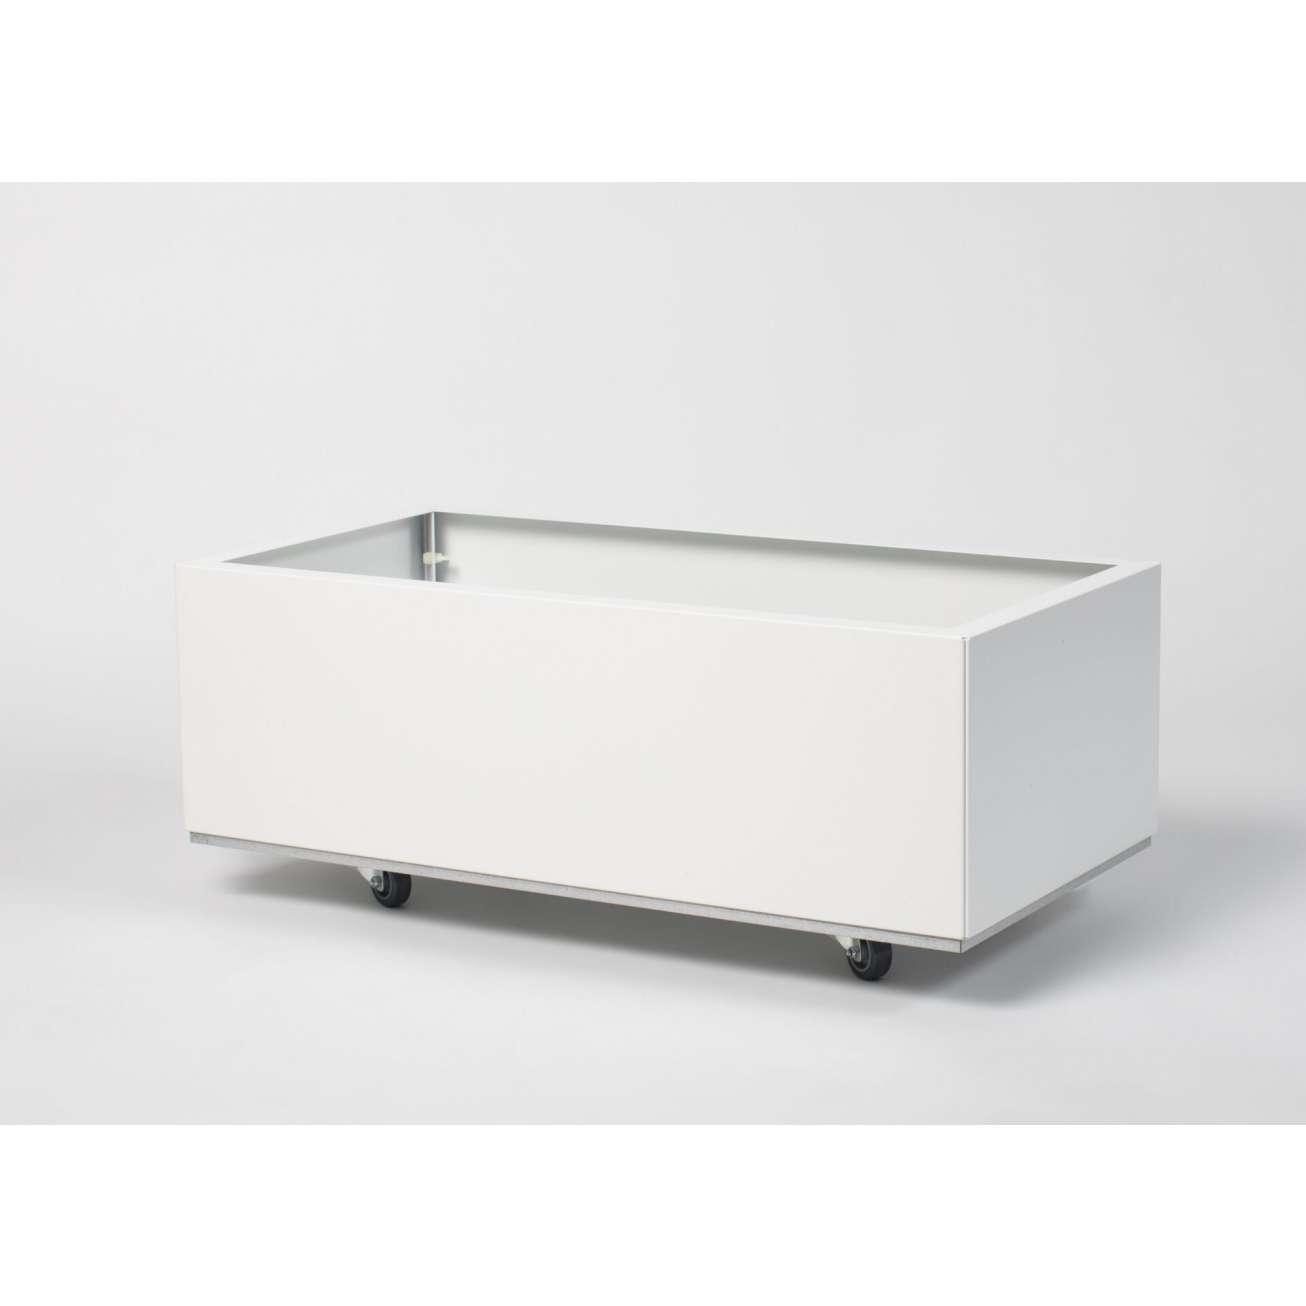 80x40h25_hvit_2 Hagemøbler og utemøbler - Fine design